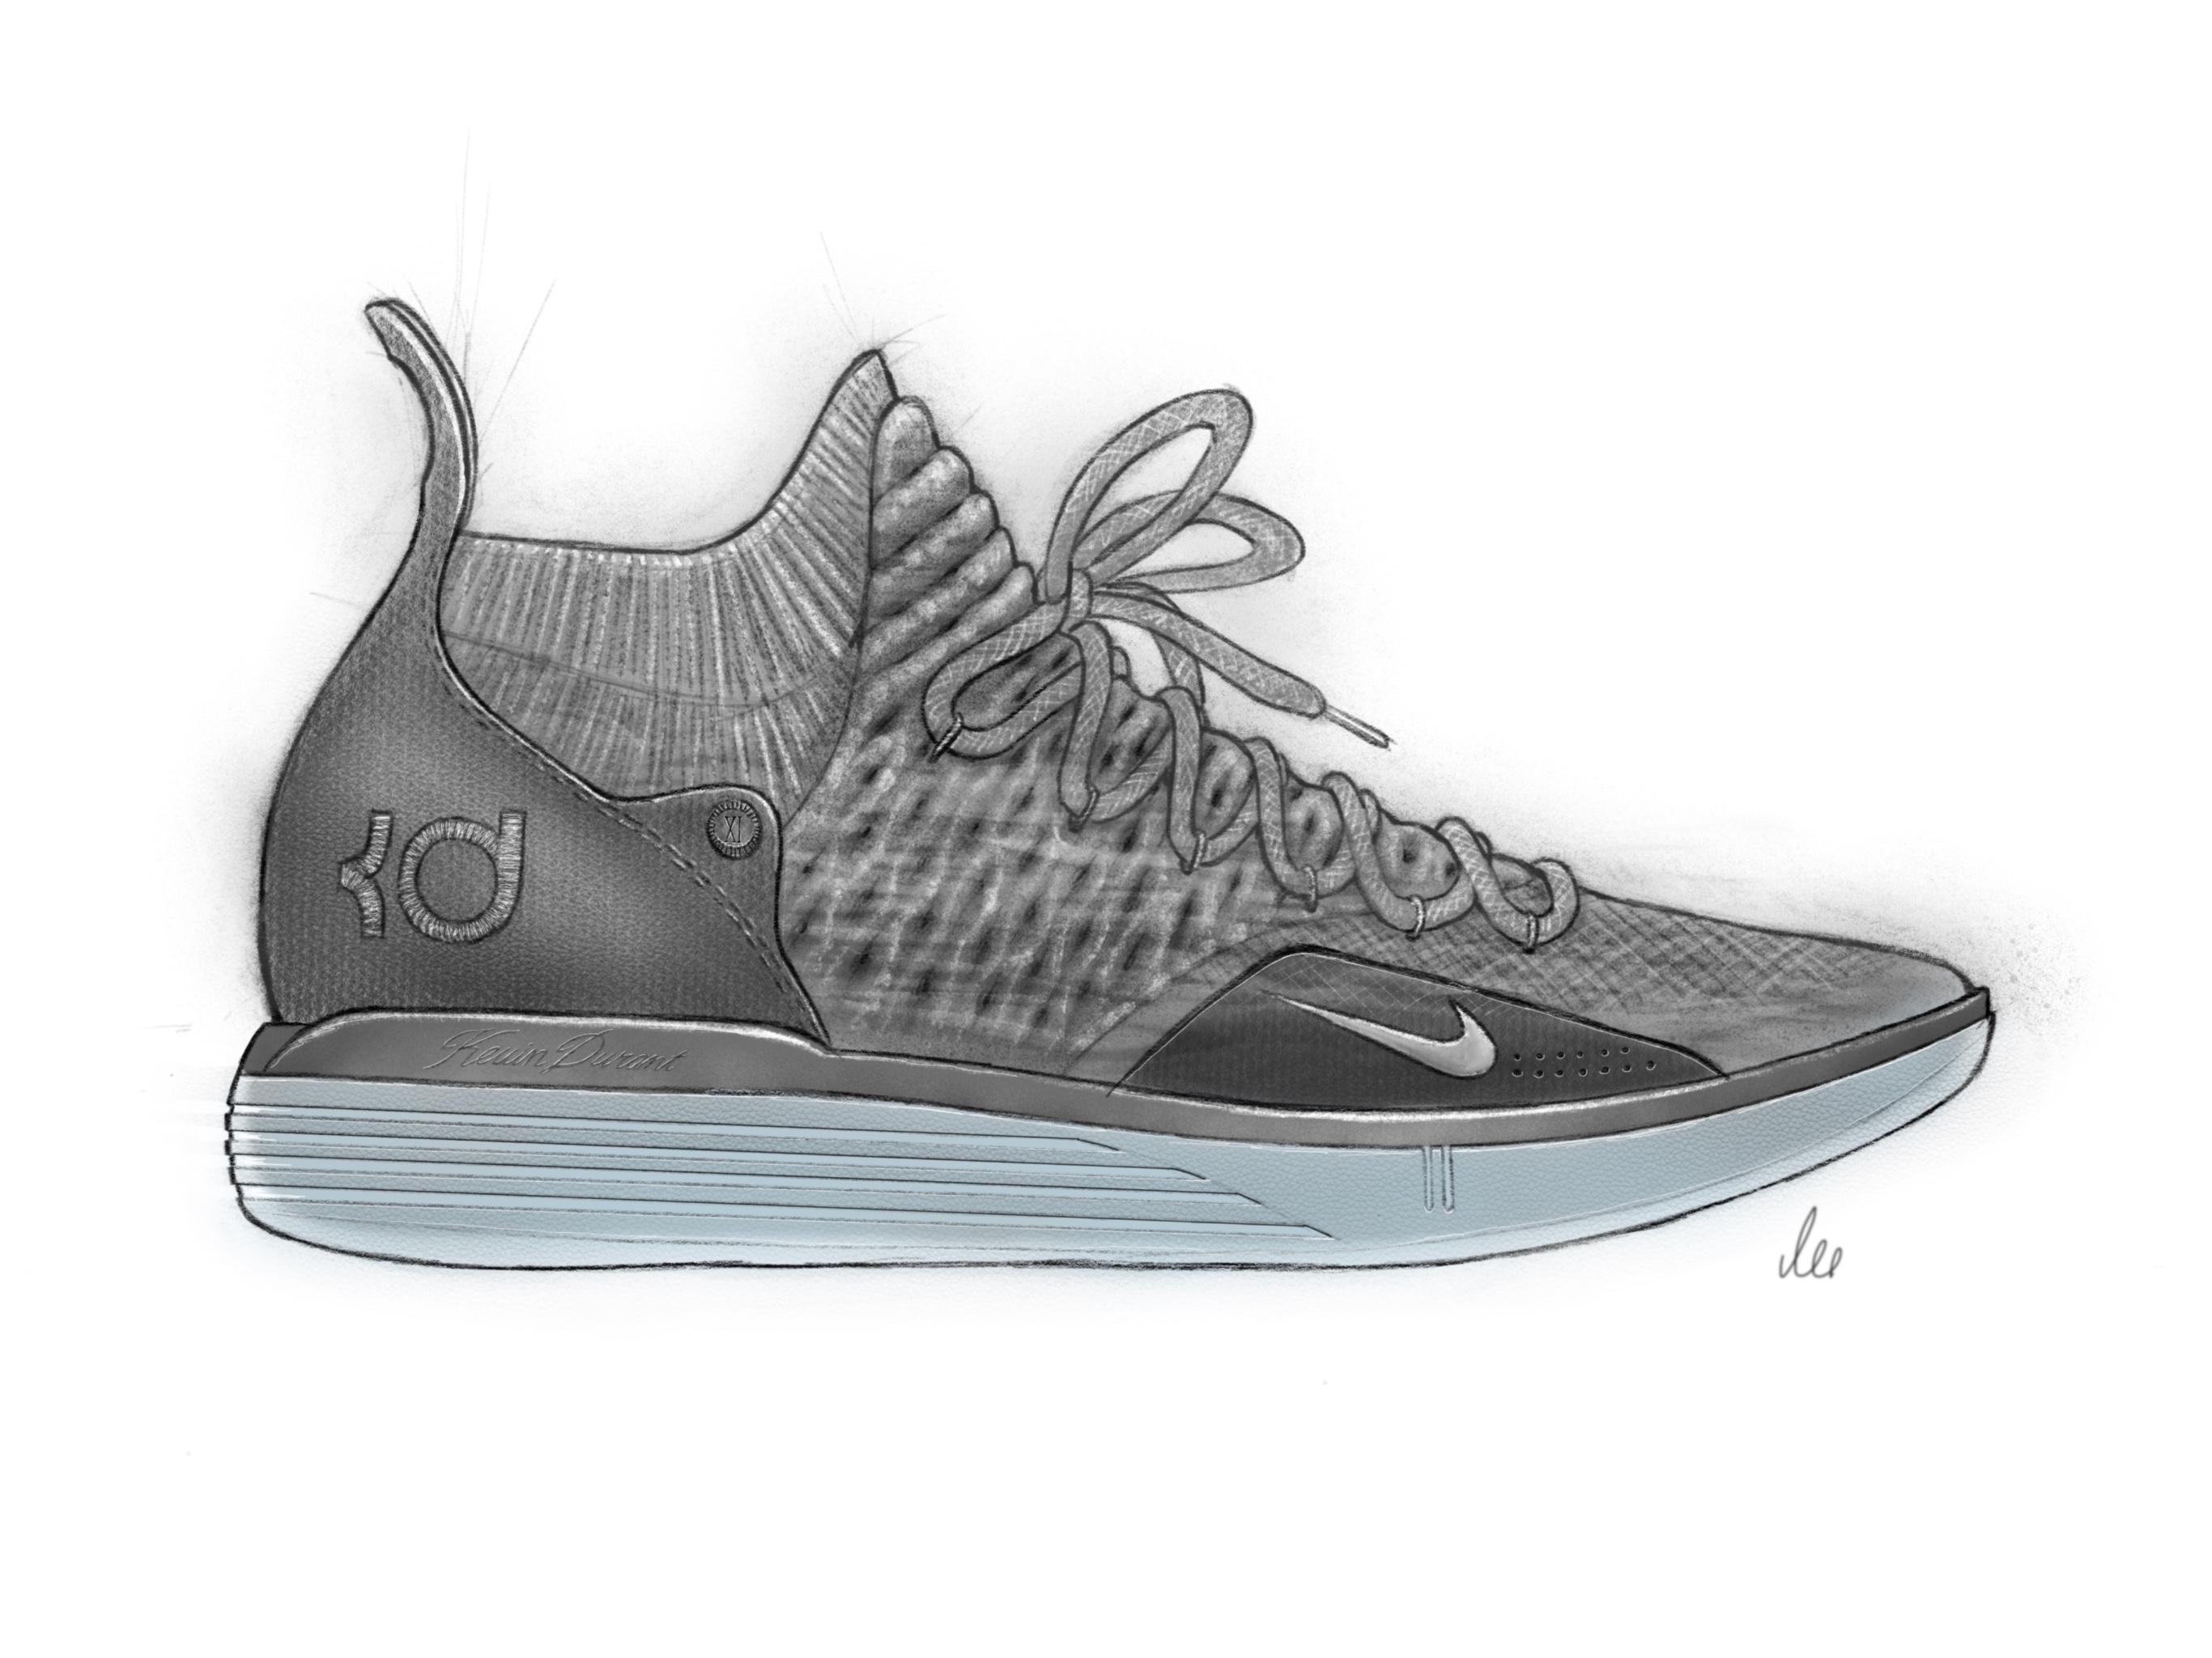 02e5e3467e4e Nike KD 11 design sketch - WearTesters